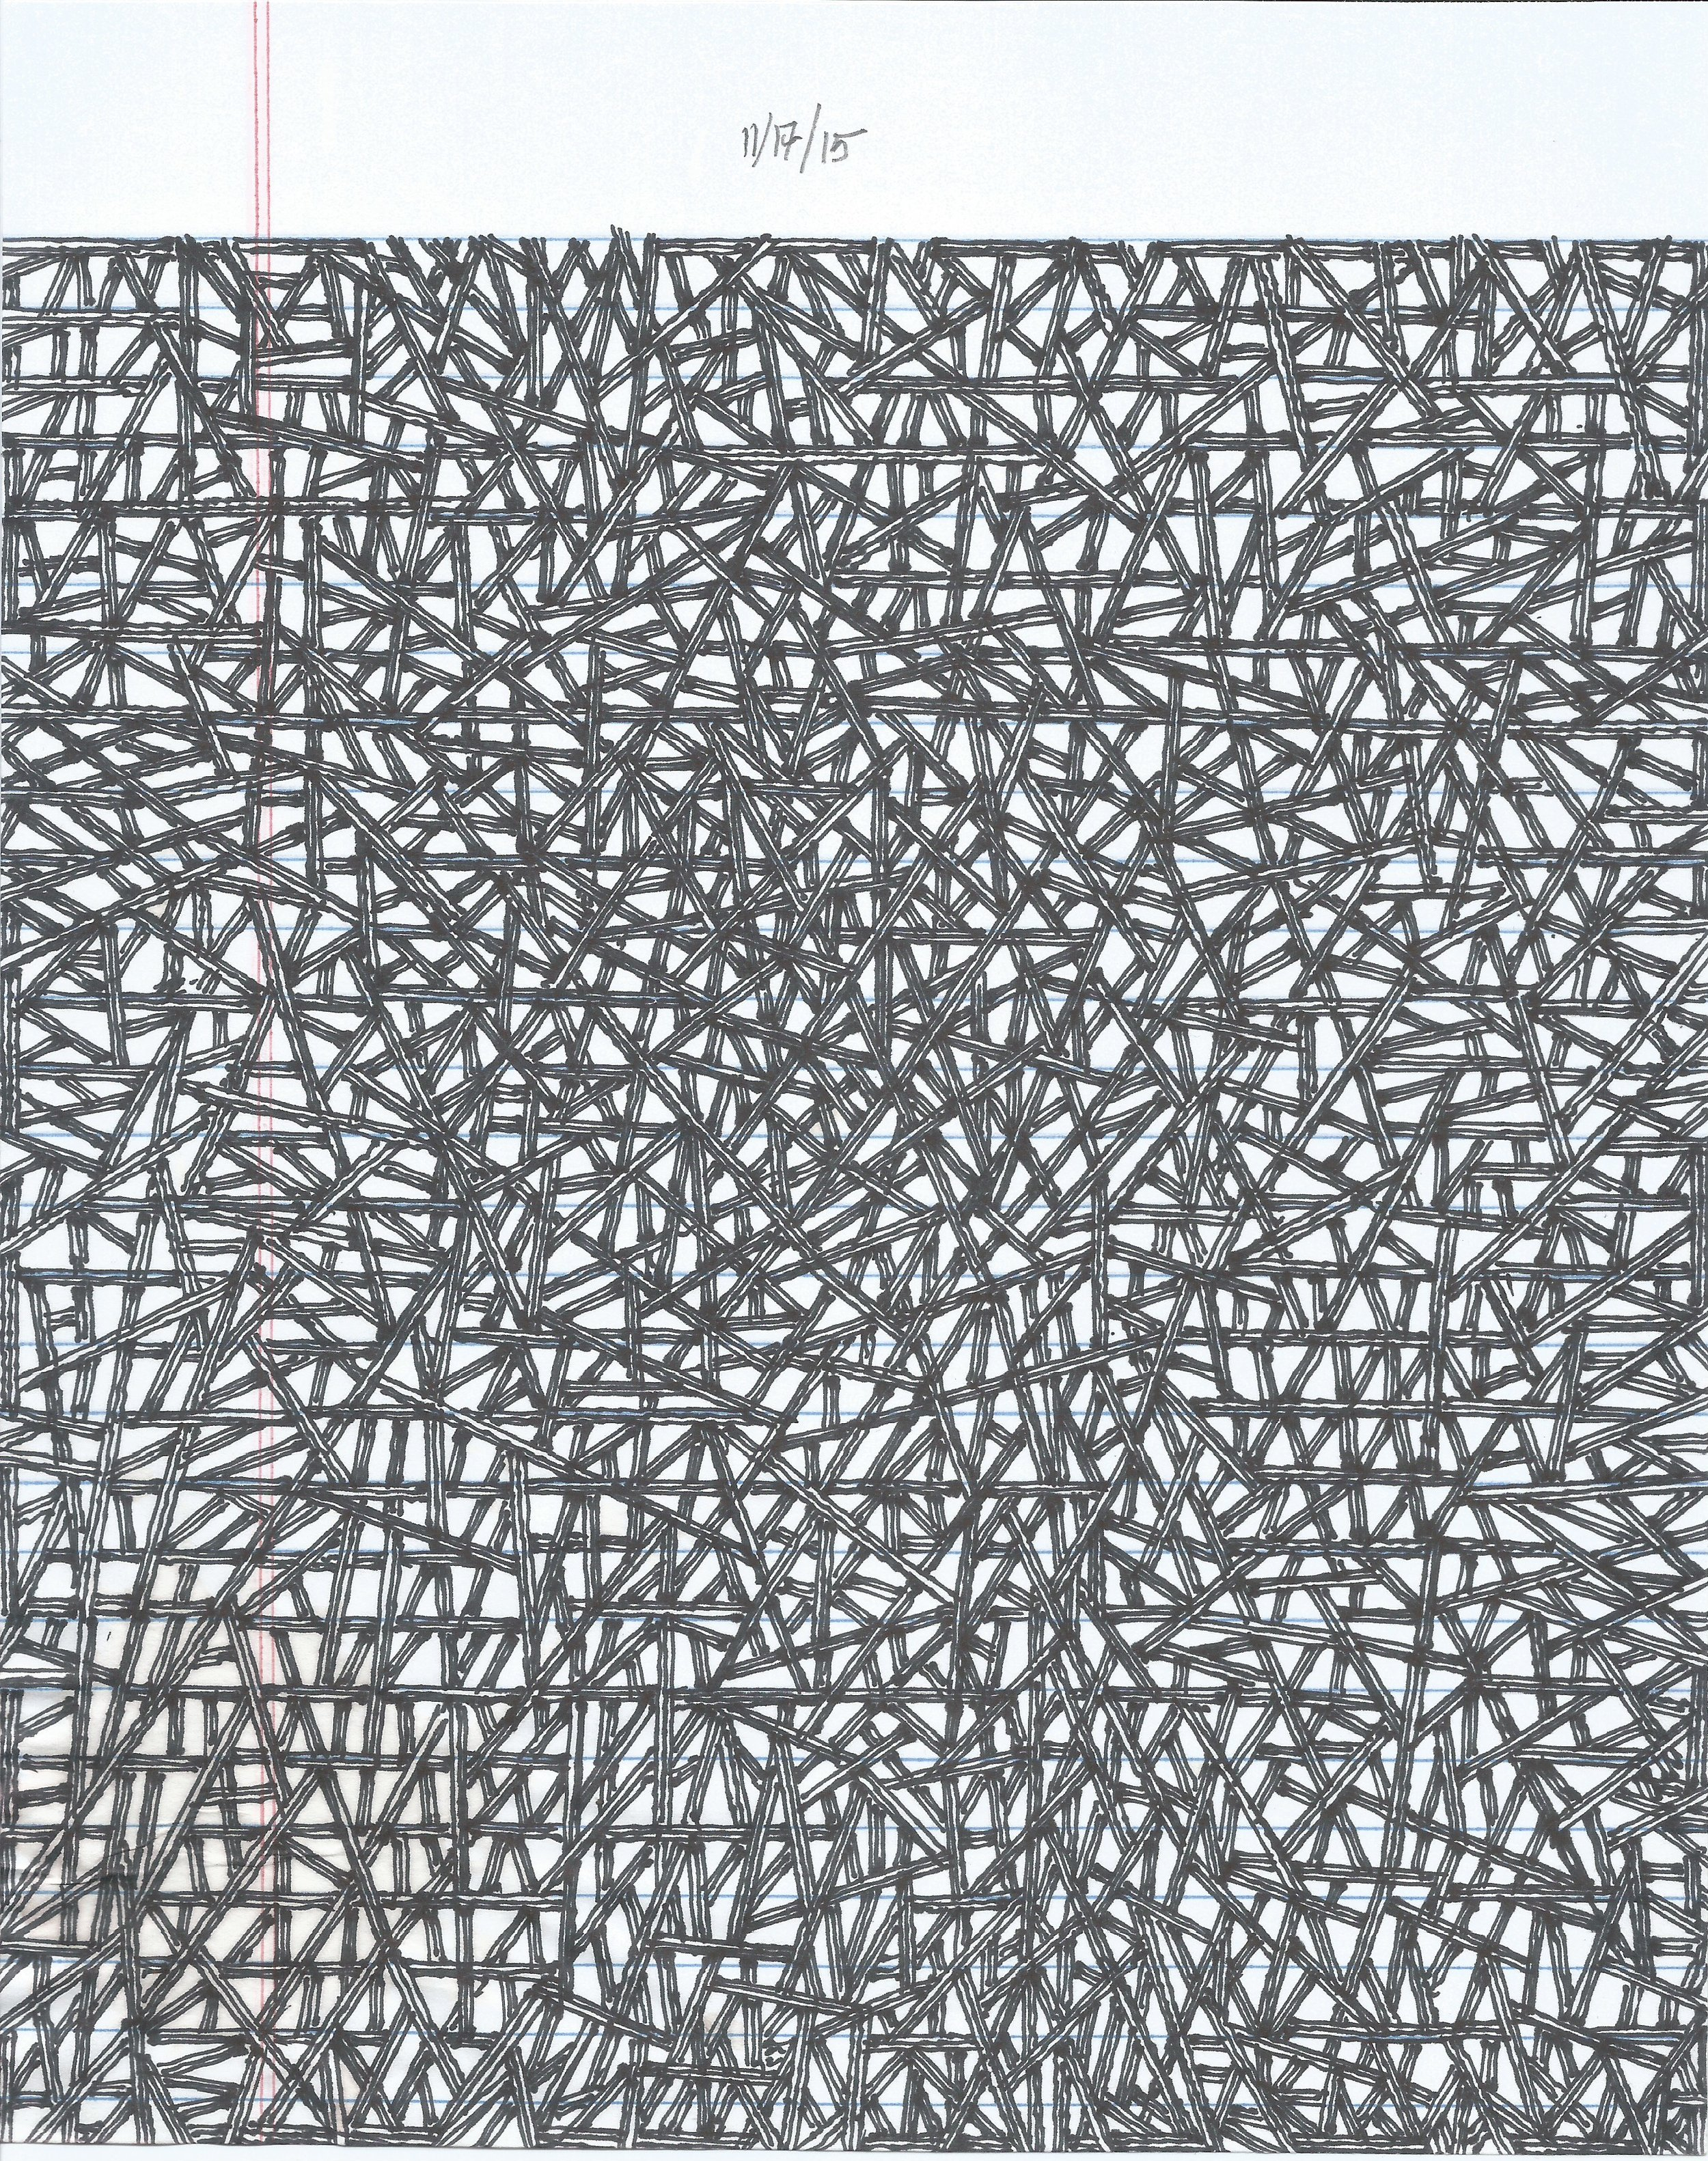 Drawing #33 (11:17:15).jpeg